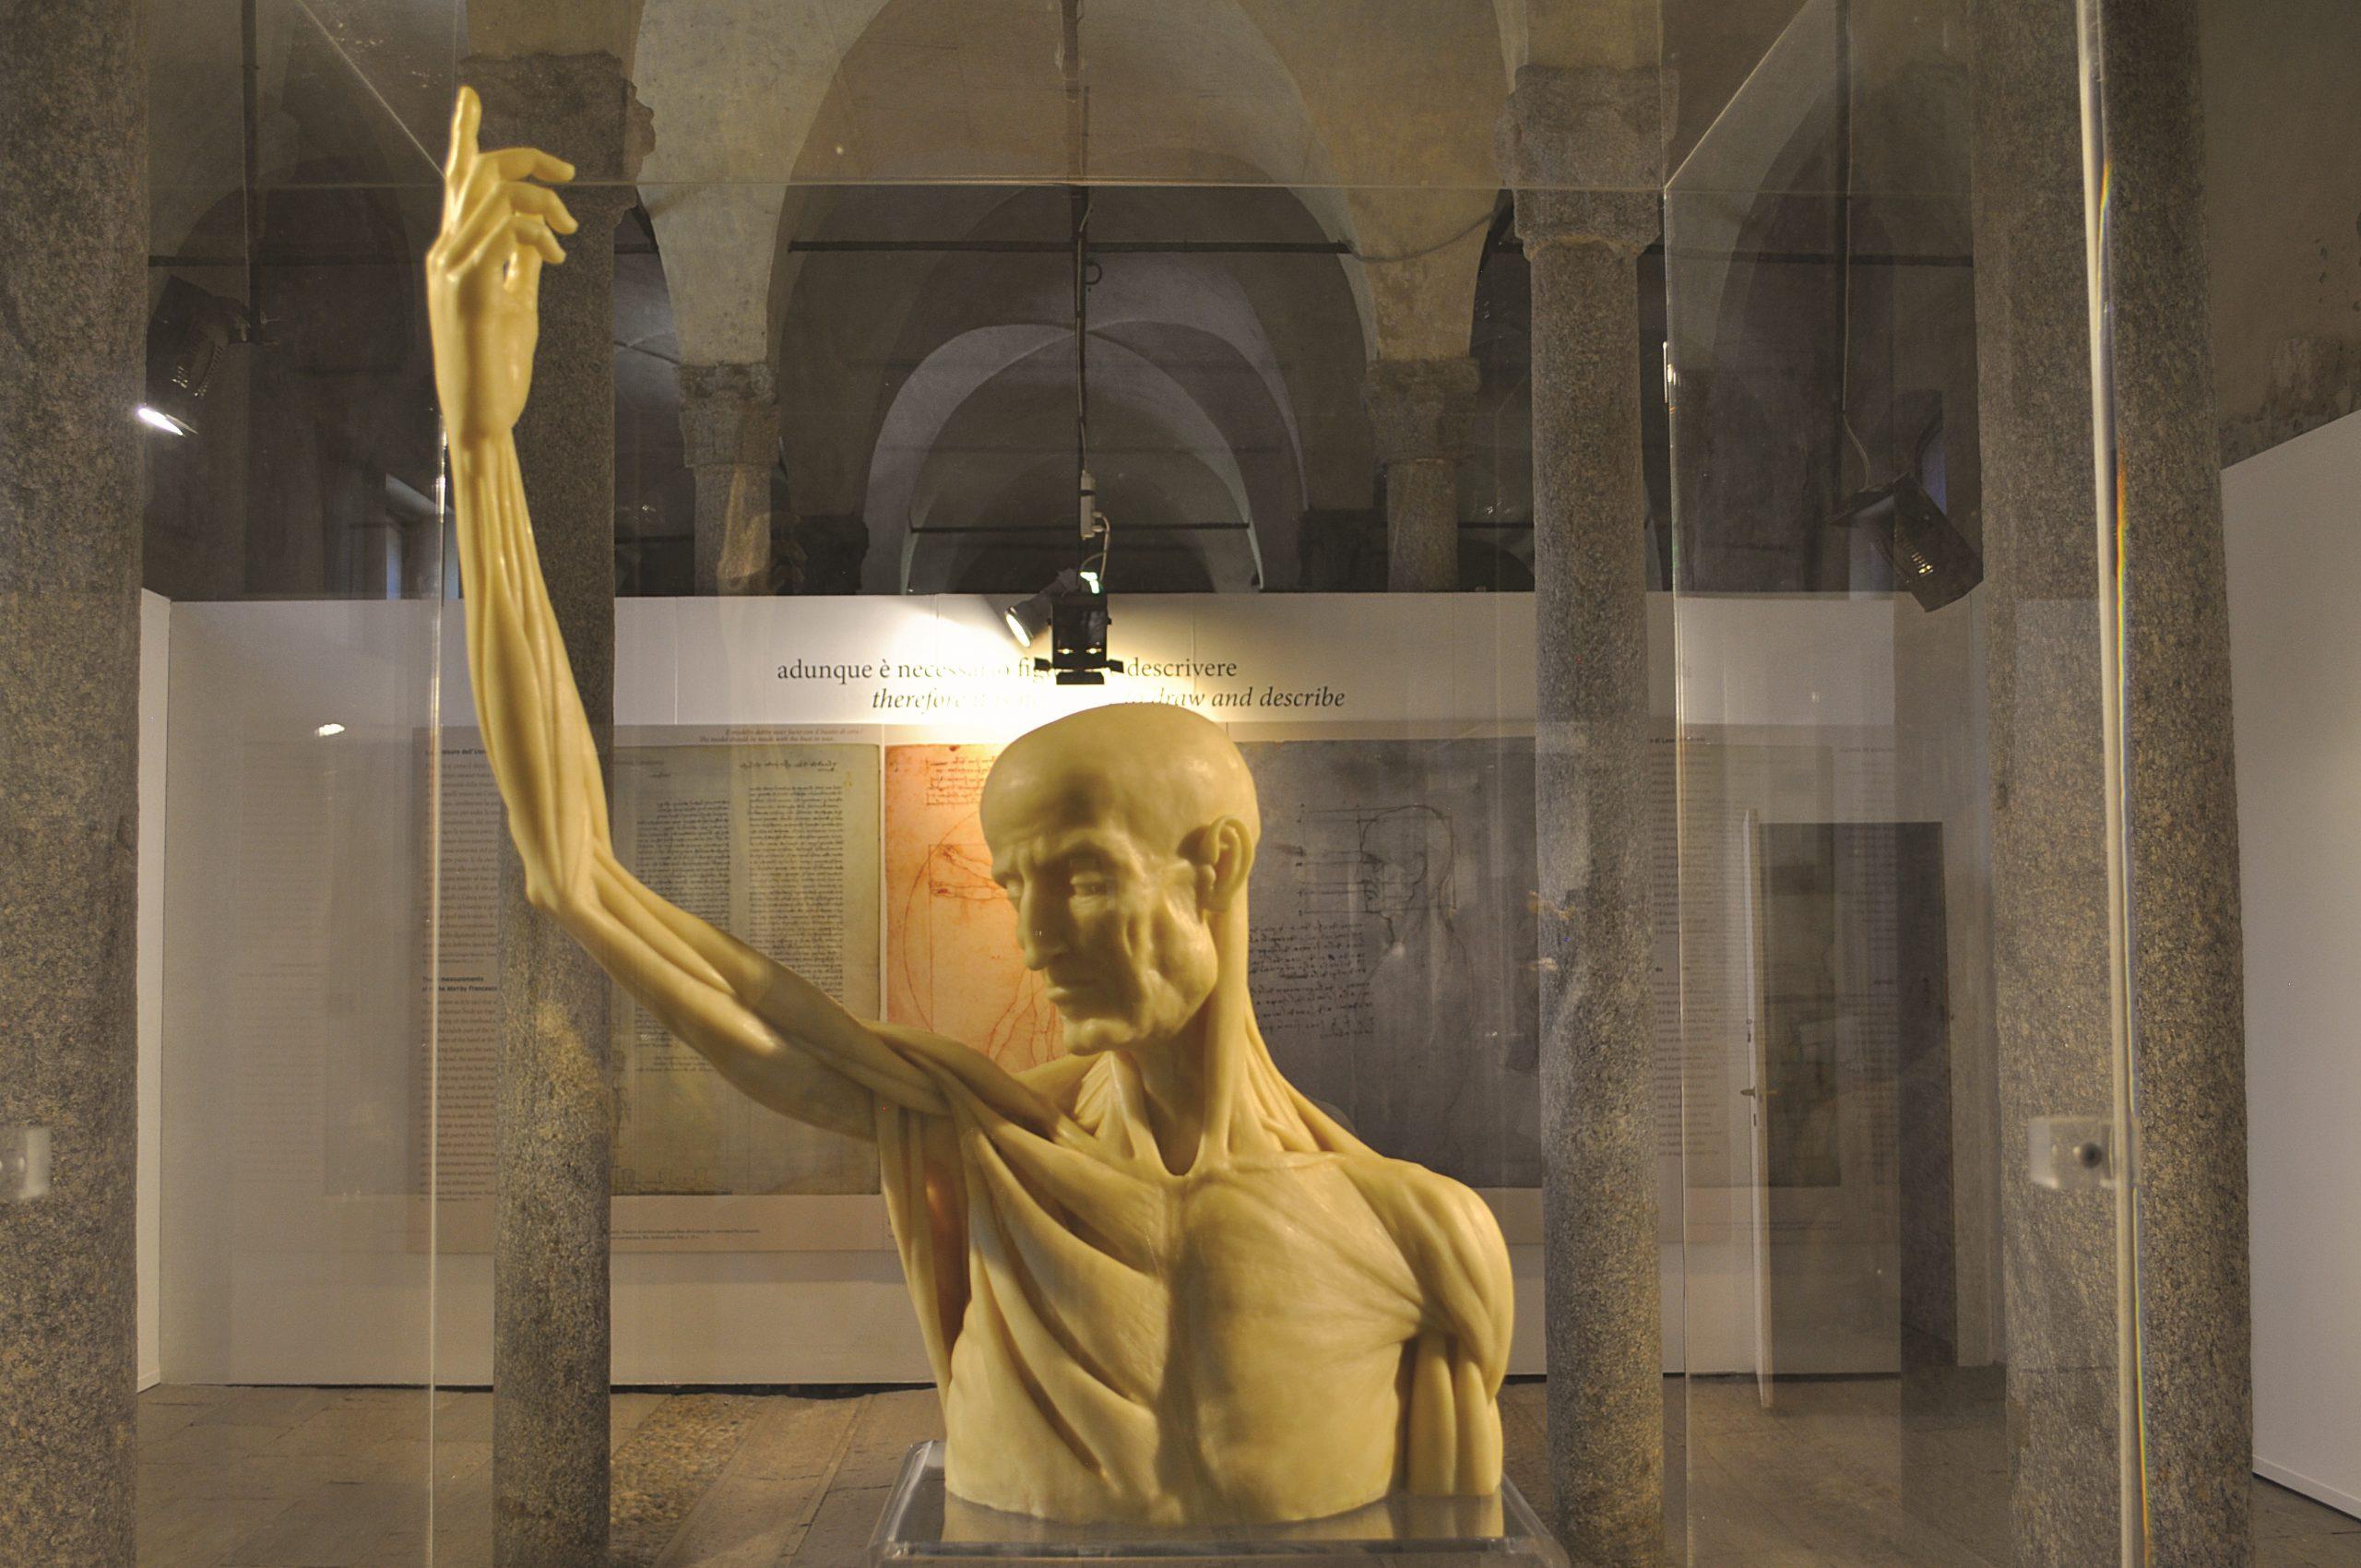 Milano, la Biblioteca Ambrosiana mette a confronto Leonardo da Vinci e Guido da Vigevano e le loro anatomie in figure